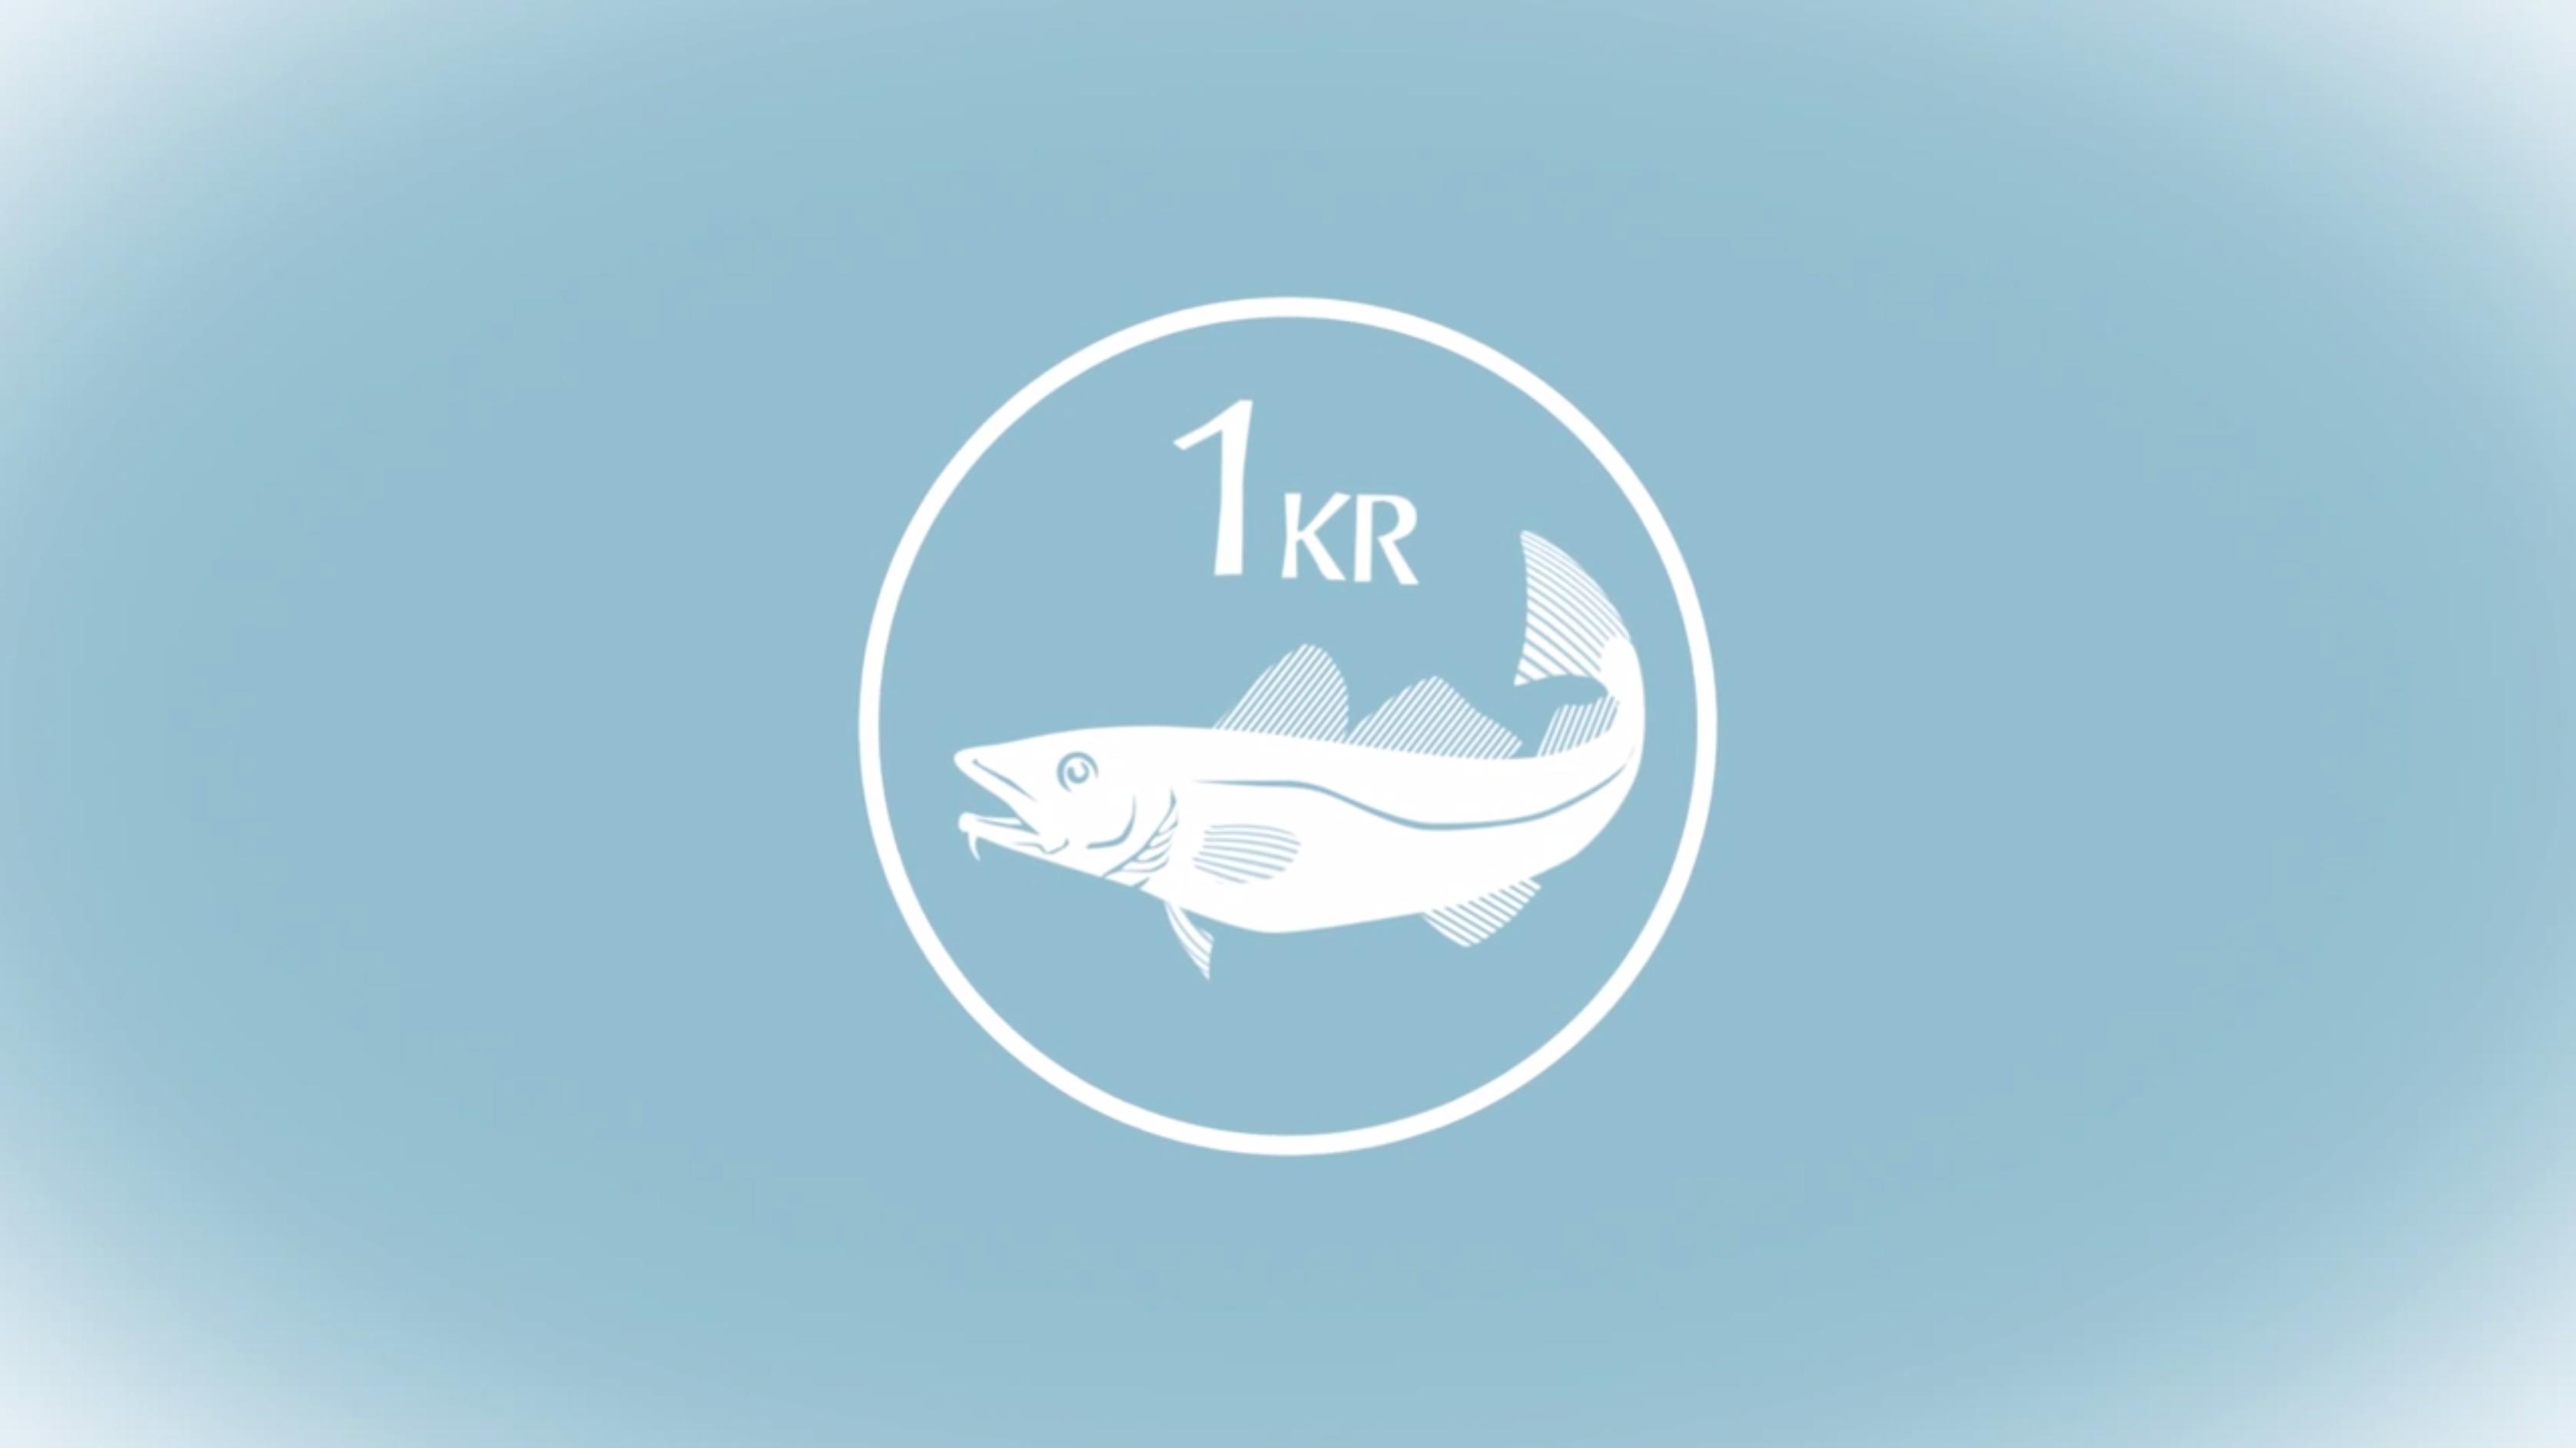 Íslenska krónan - Allt um minnstu mynt í heimi